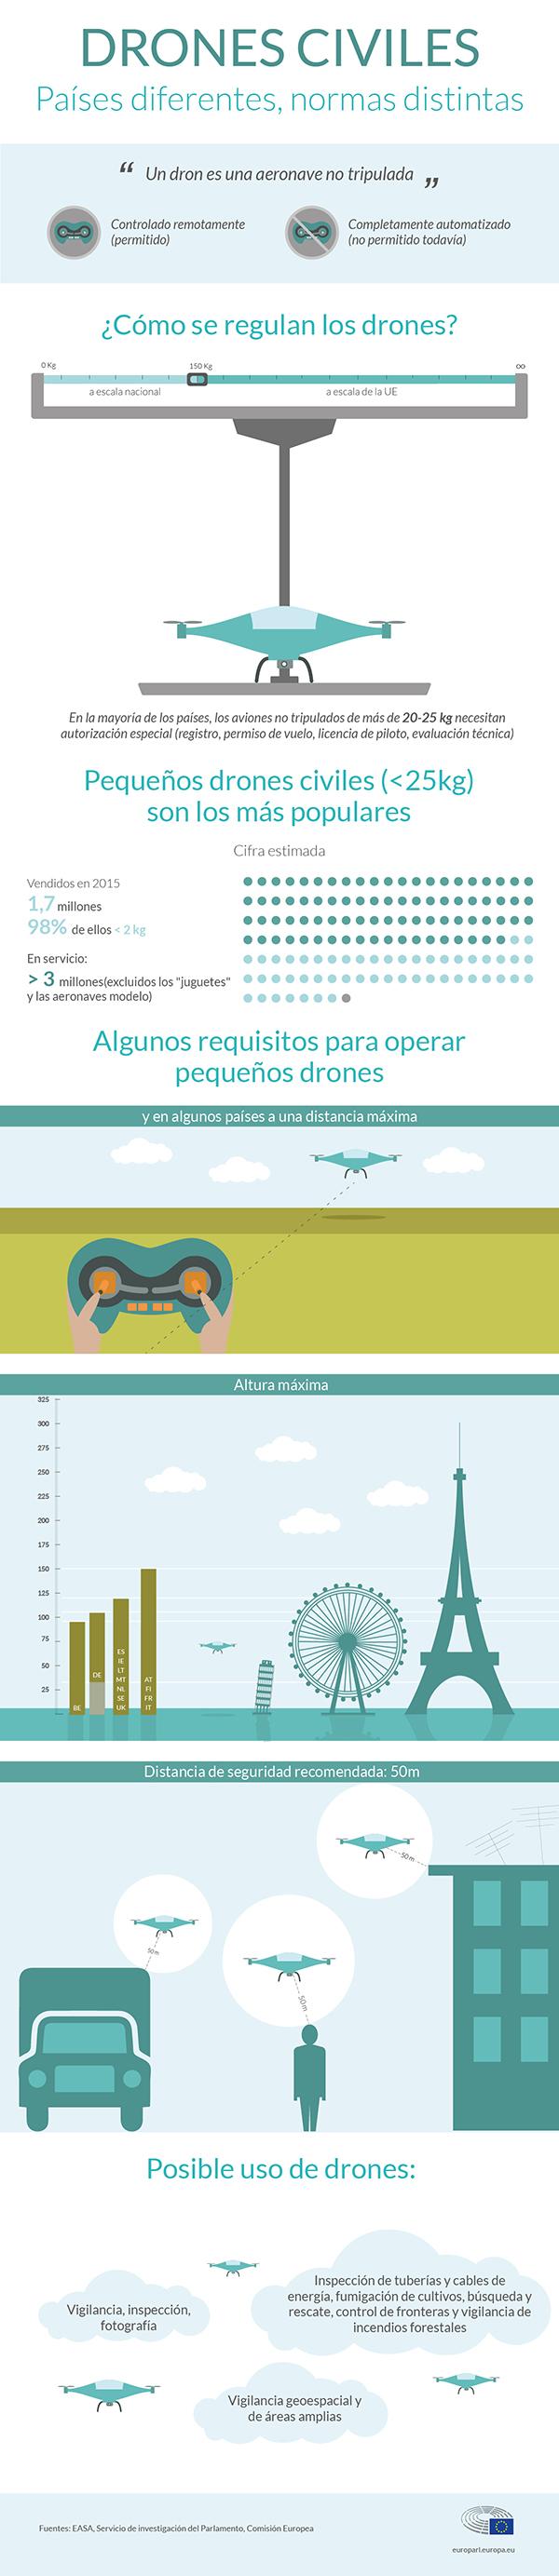 Infografía sobre las normas que regulan el uso de drones en la UE